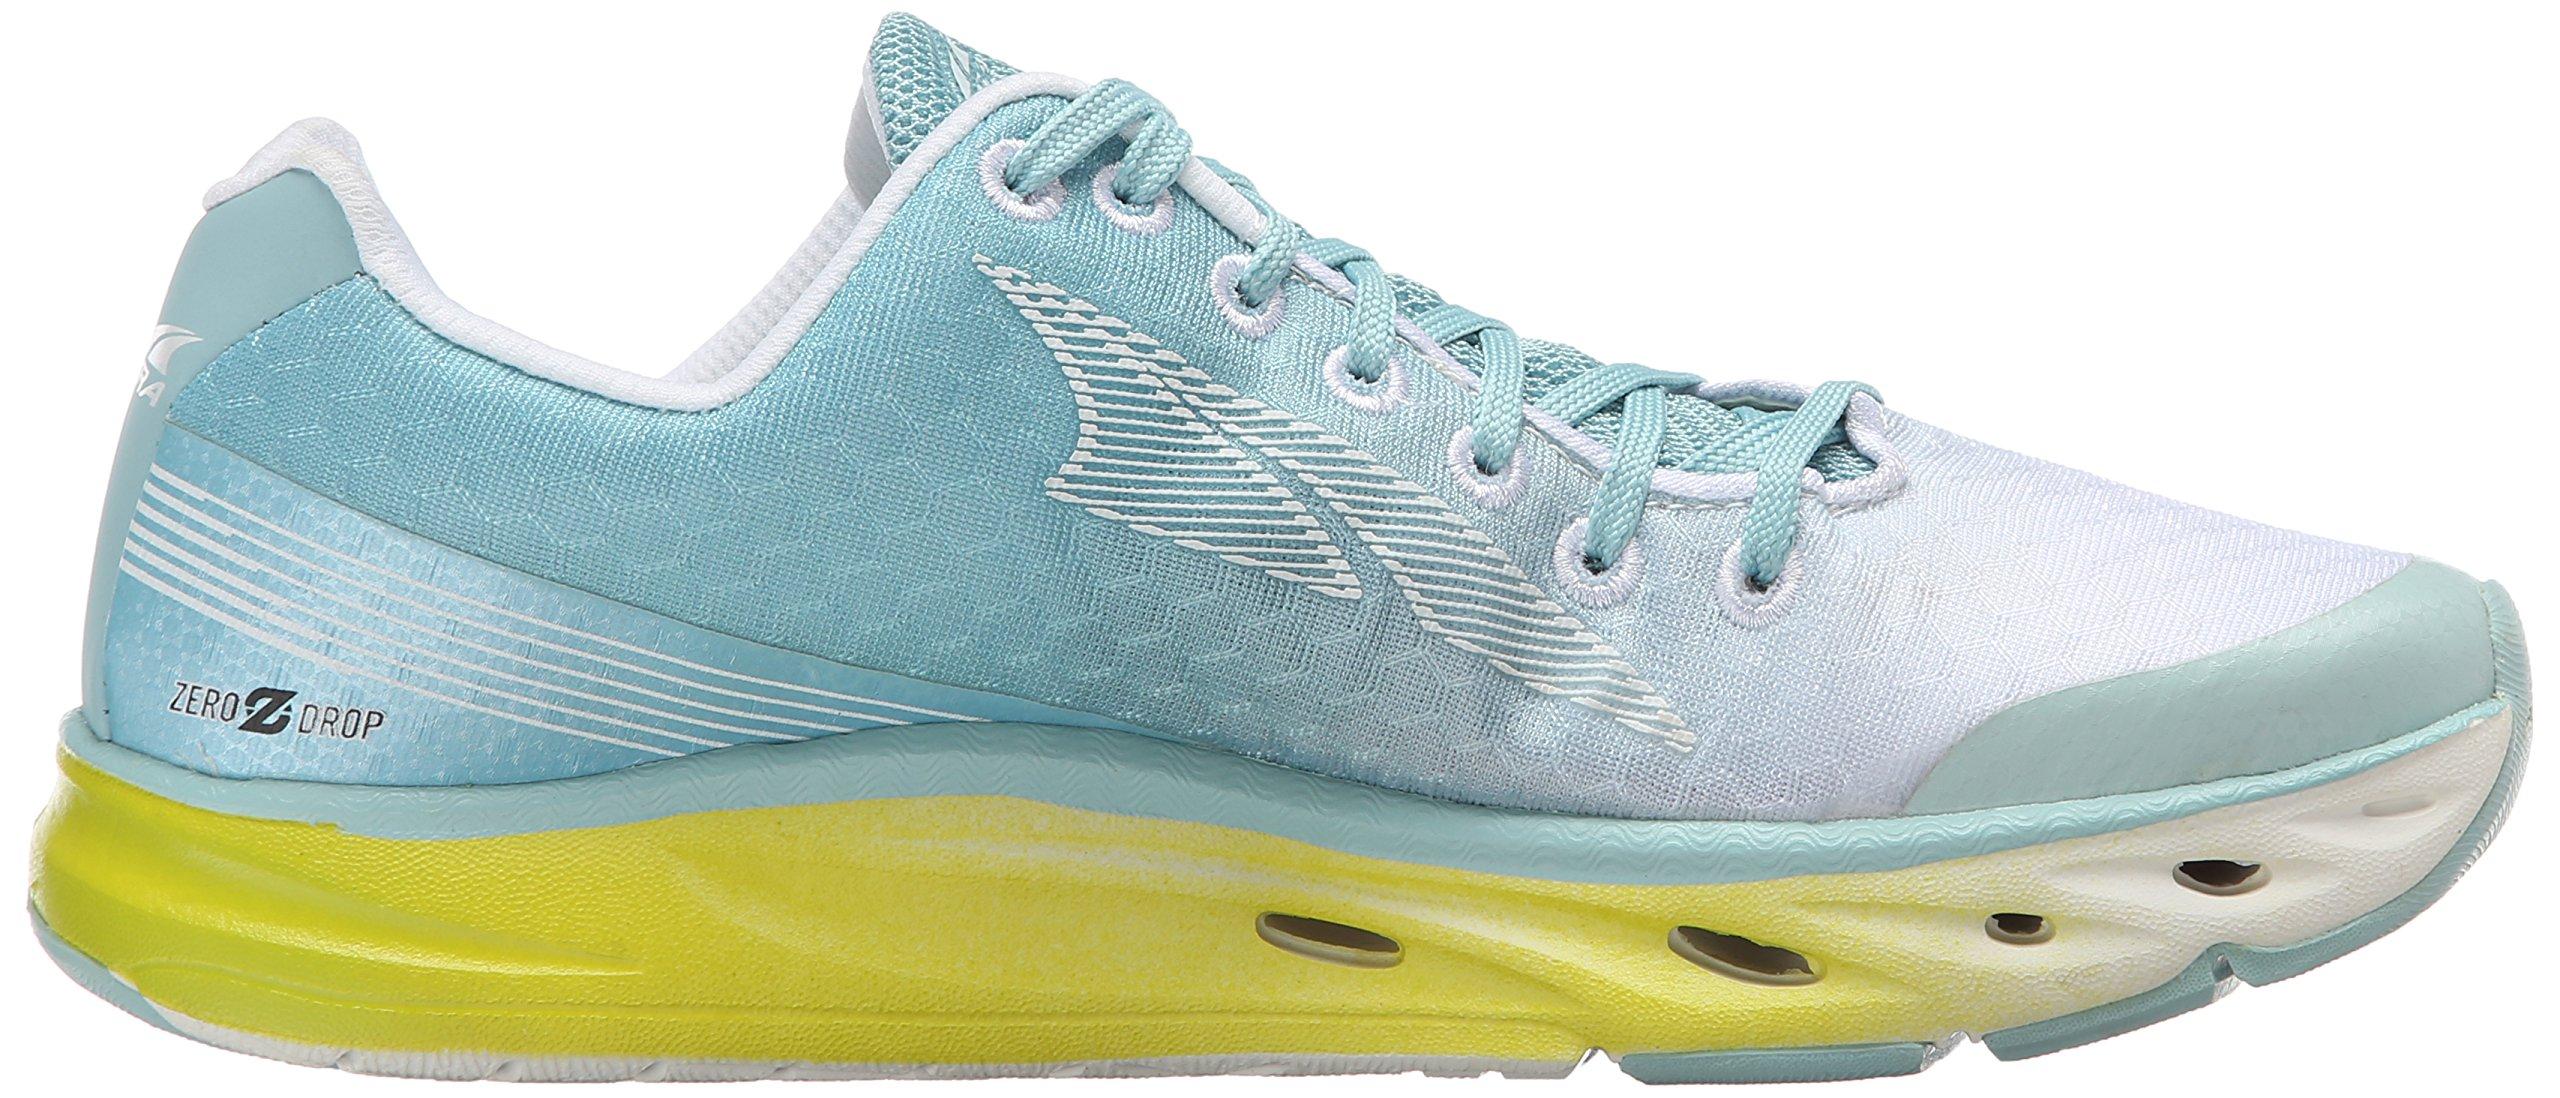 81Kh05UpDRL - Altra Women's Impulse Running Shoe